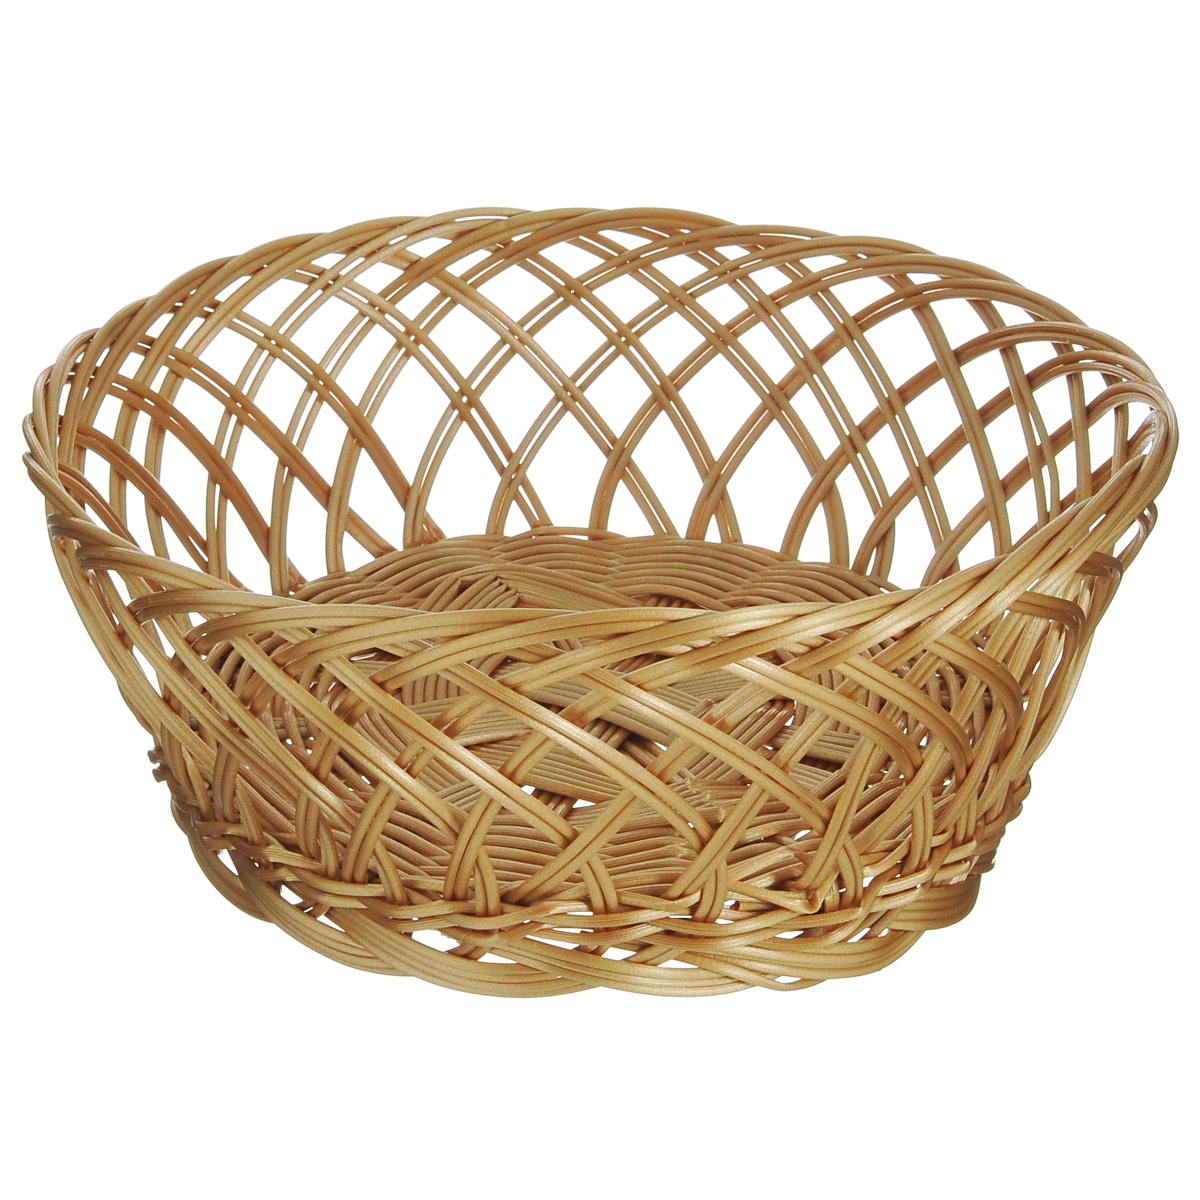 Корзинка для фруктов Kesper, диаметр 25 см. 1784-01784-0Оригинальная плетеная корзинка Kesper круглой формы, выполнена из пластика, напоминающего фактуру дерева. Корзинка прекрасно подойдет для вашей кухни. Она предназначена для красивой сервировки фруктов.Изящный дизайн придется по вкусу и ценителям классики, и тем, кто предпочитает утонченность и изысканность. Можно мыть в посудомоечной машине. Диаметр корзинки: 25 см. Высота корзинки: 10 см.